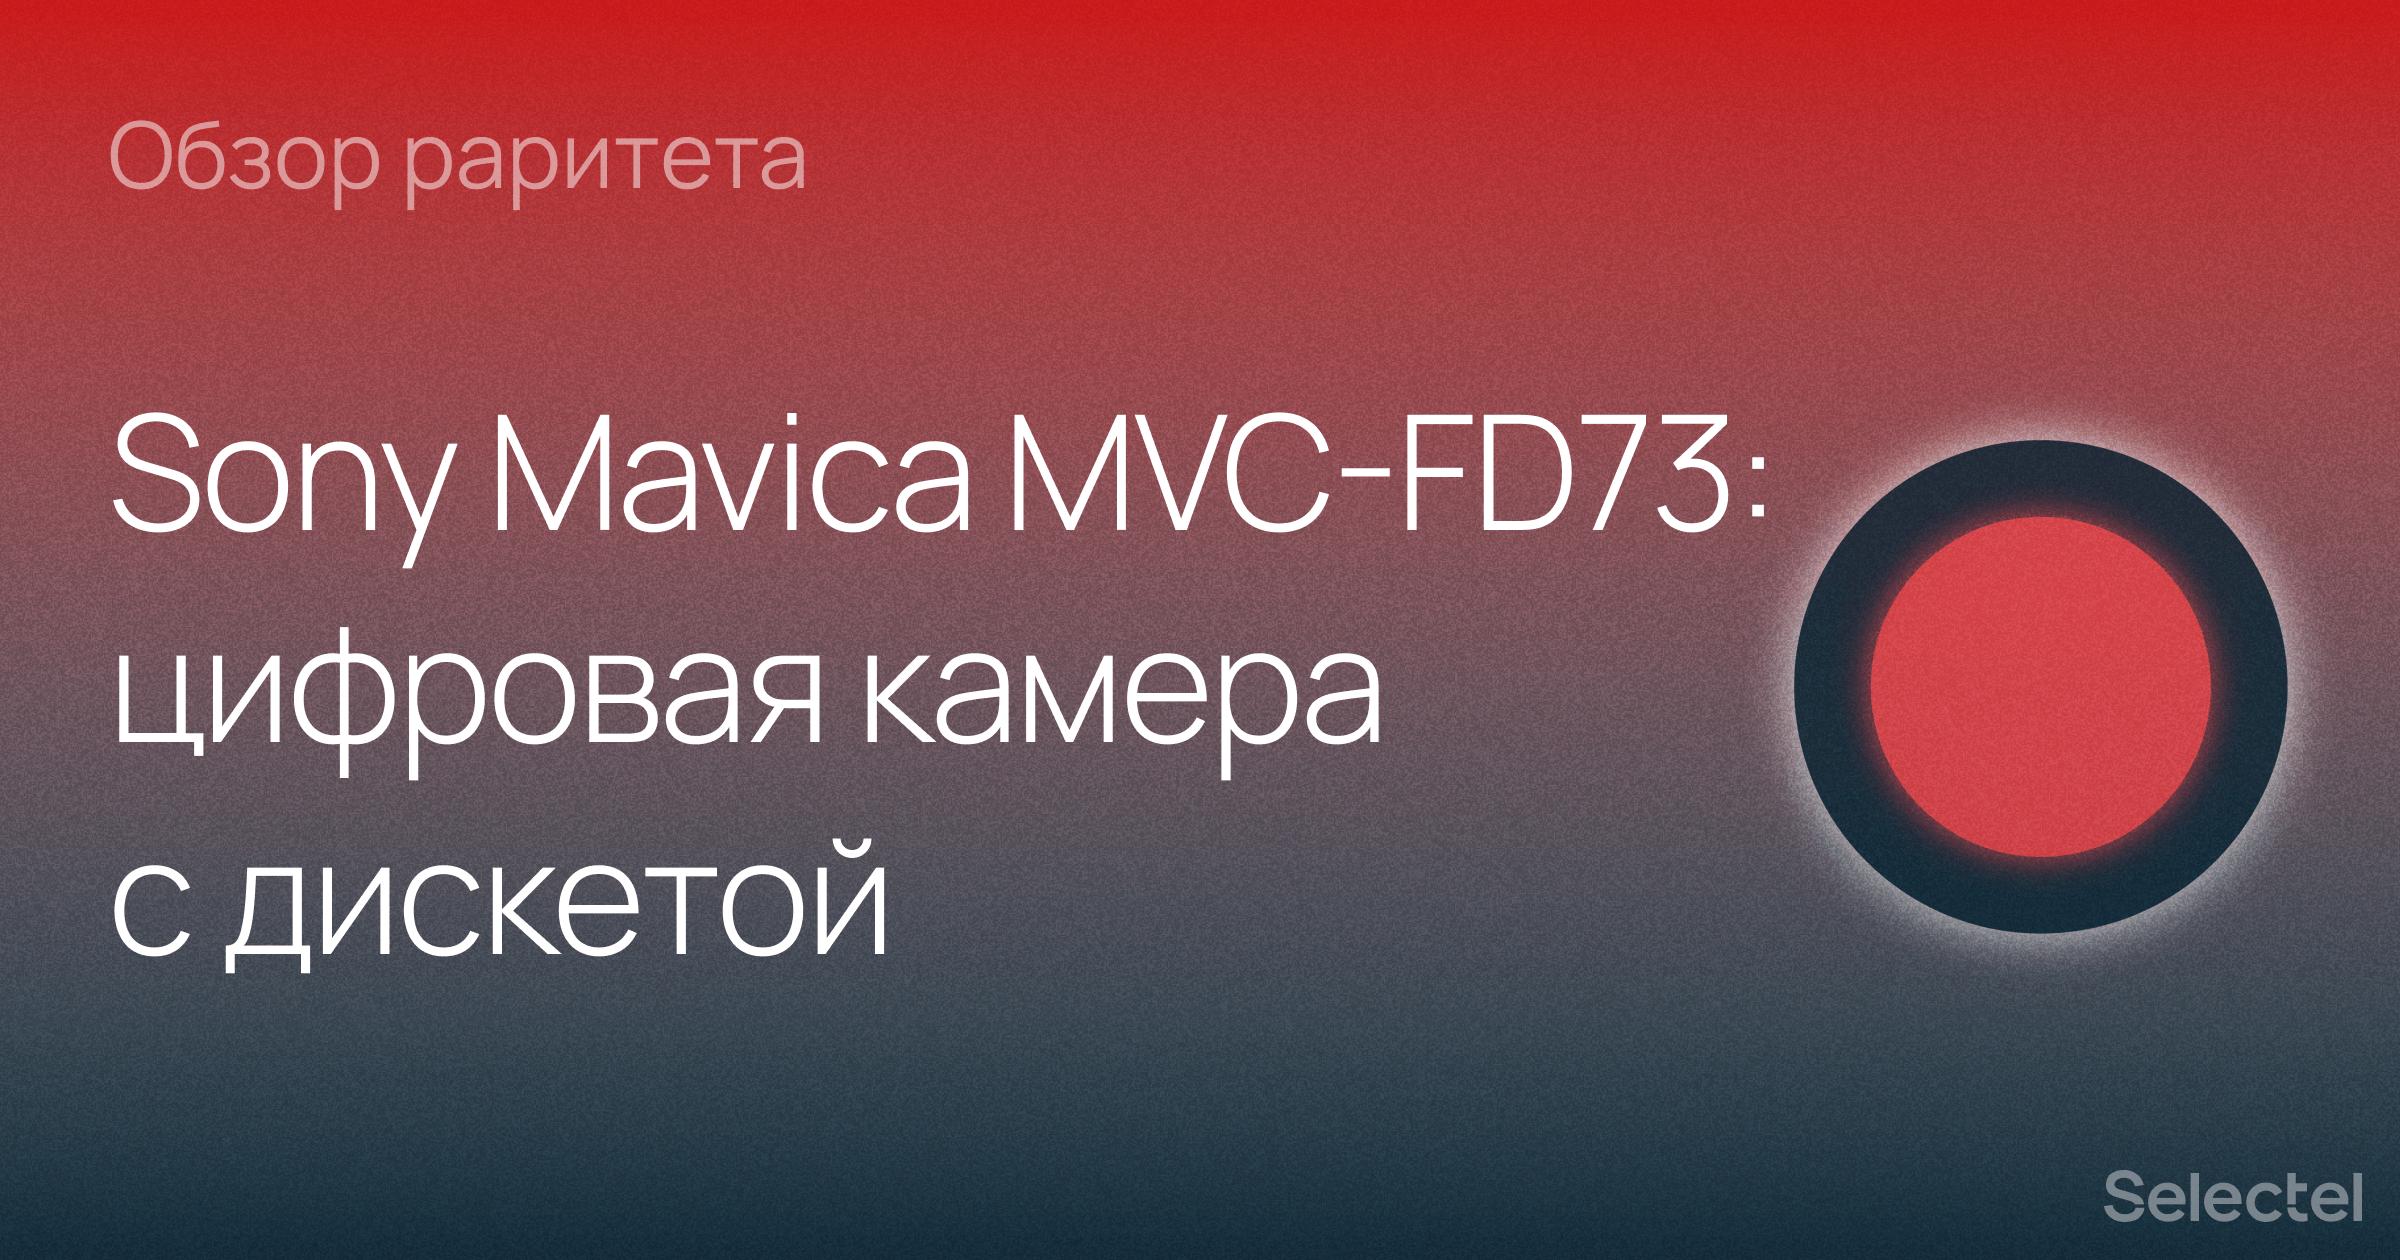 Цифровая камера с дискетой: обозреваем Sony Mavica MVC-FD73 - 1